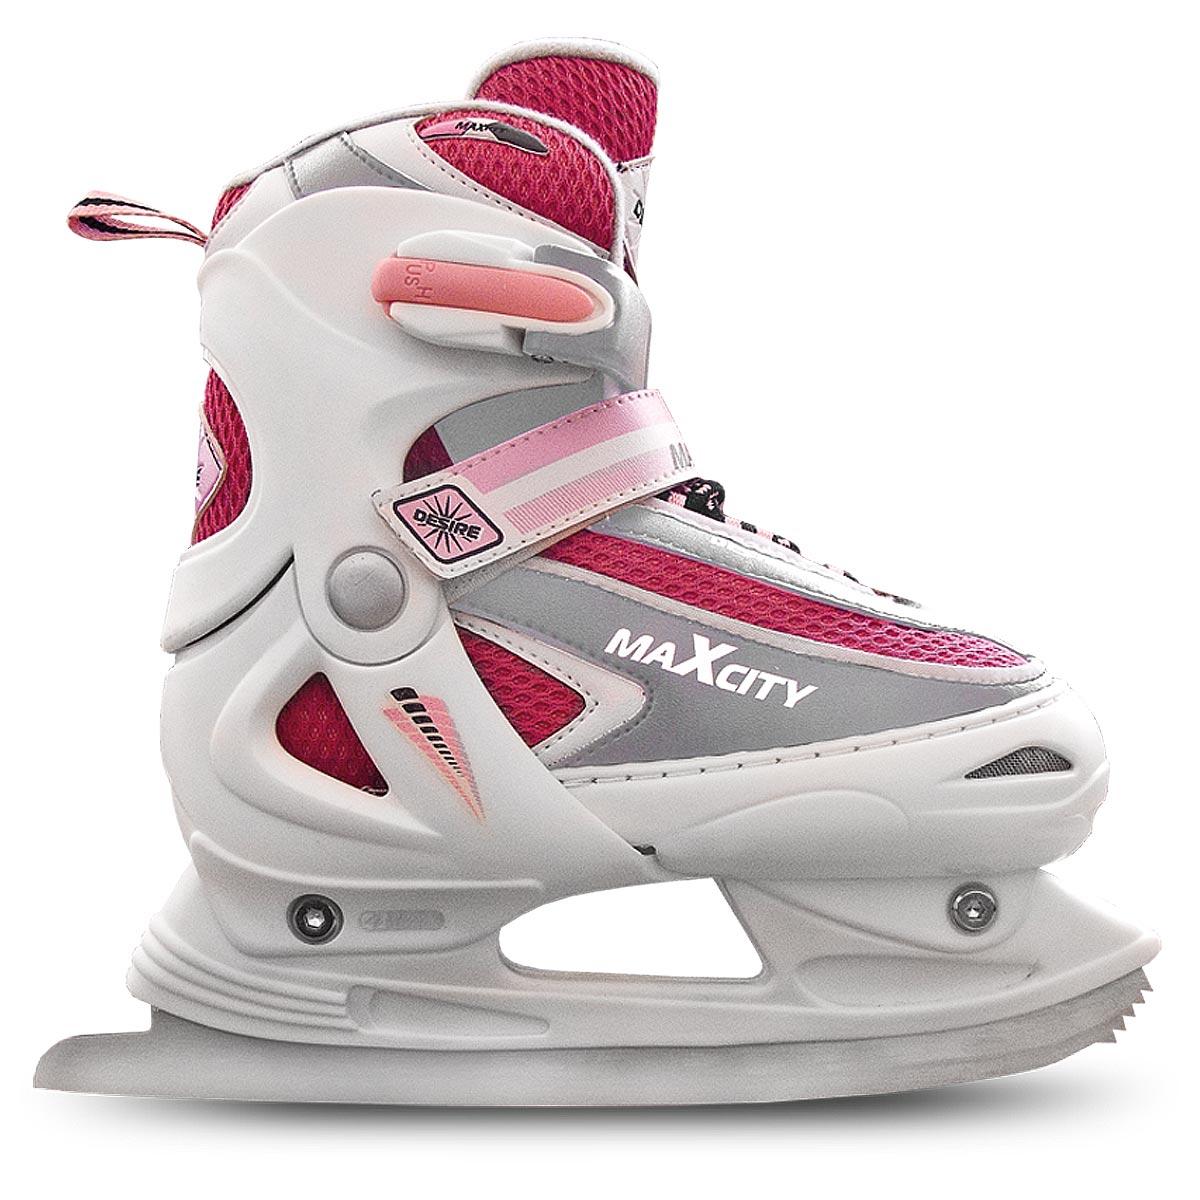 Коньки ледовые женские MaxCity Desire Girl, раздвижные, цвет: розовый, белый, серебряный. Размер 38/41 DESIRE girl_розовый, белый,